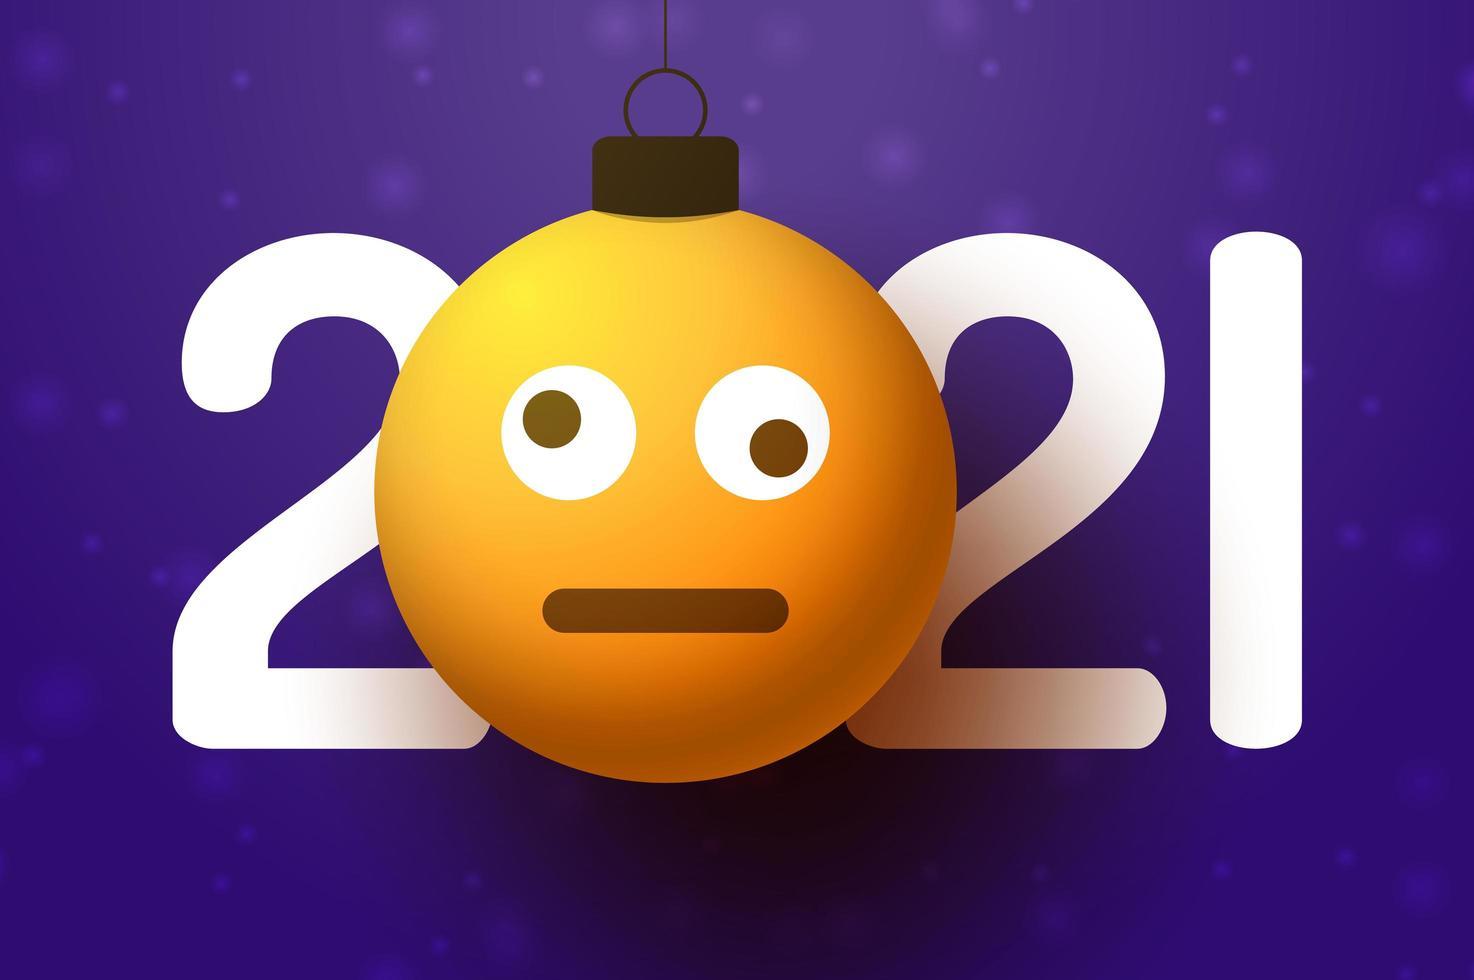 2021 Neujahrsgruß mit verwirrter Emoji-Gesichtsverzierung vektor